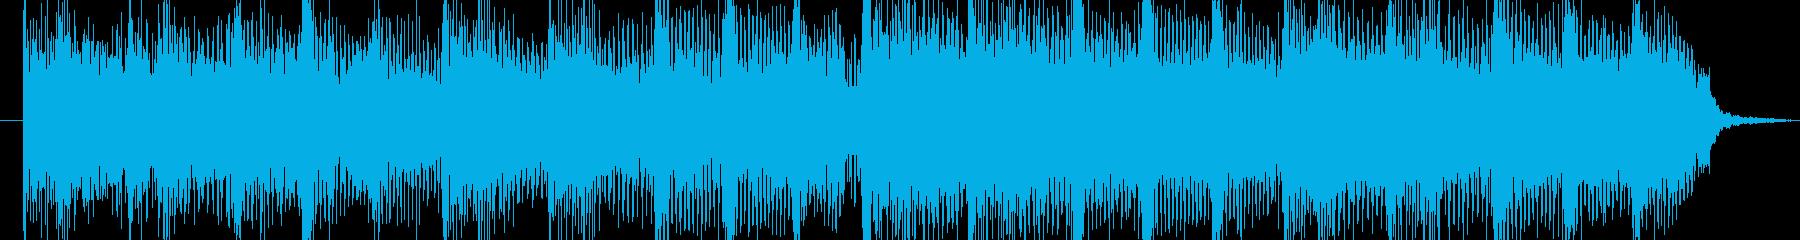 インパクトのあるハードロックジングルの再生済みの波形